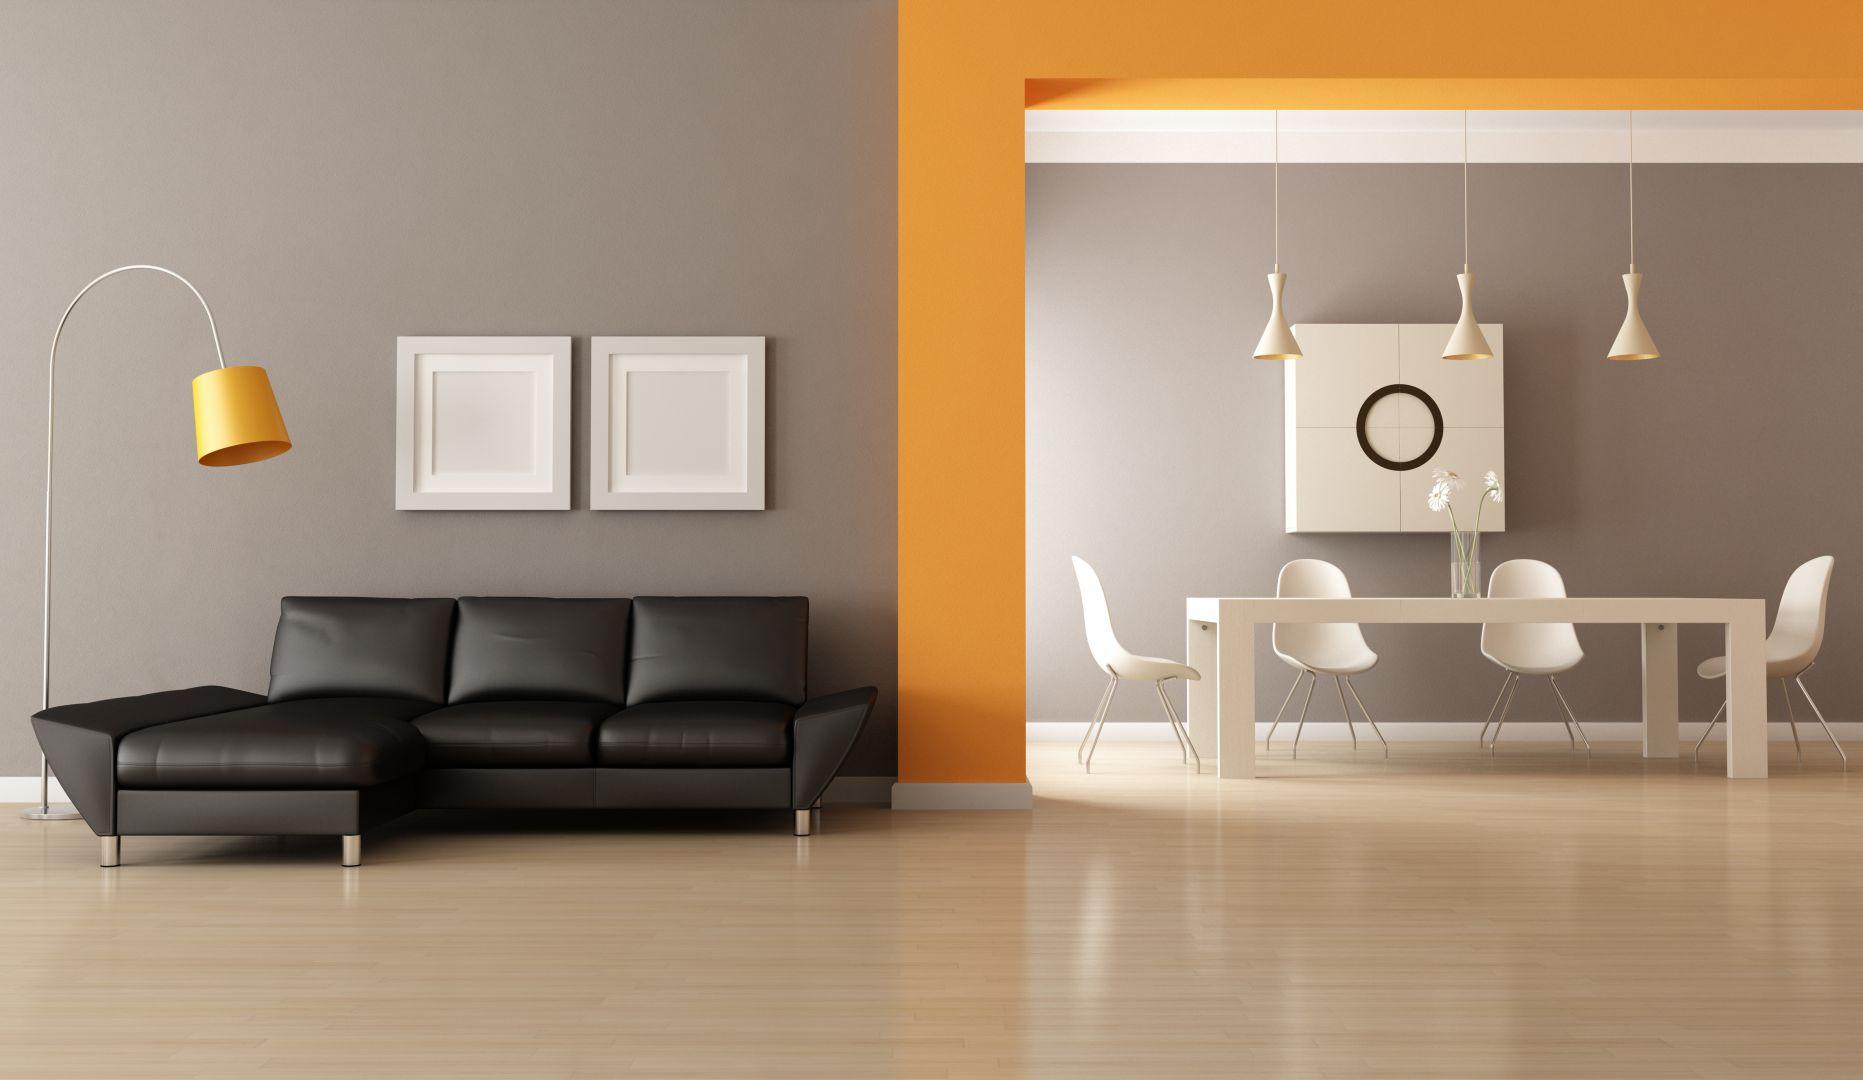 Devez-vous compter un salon salle à manger comme une ou deux pièces ?